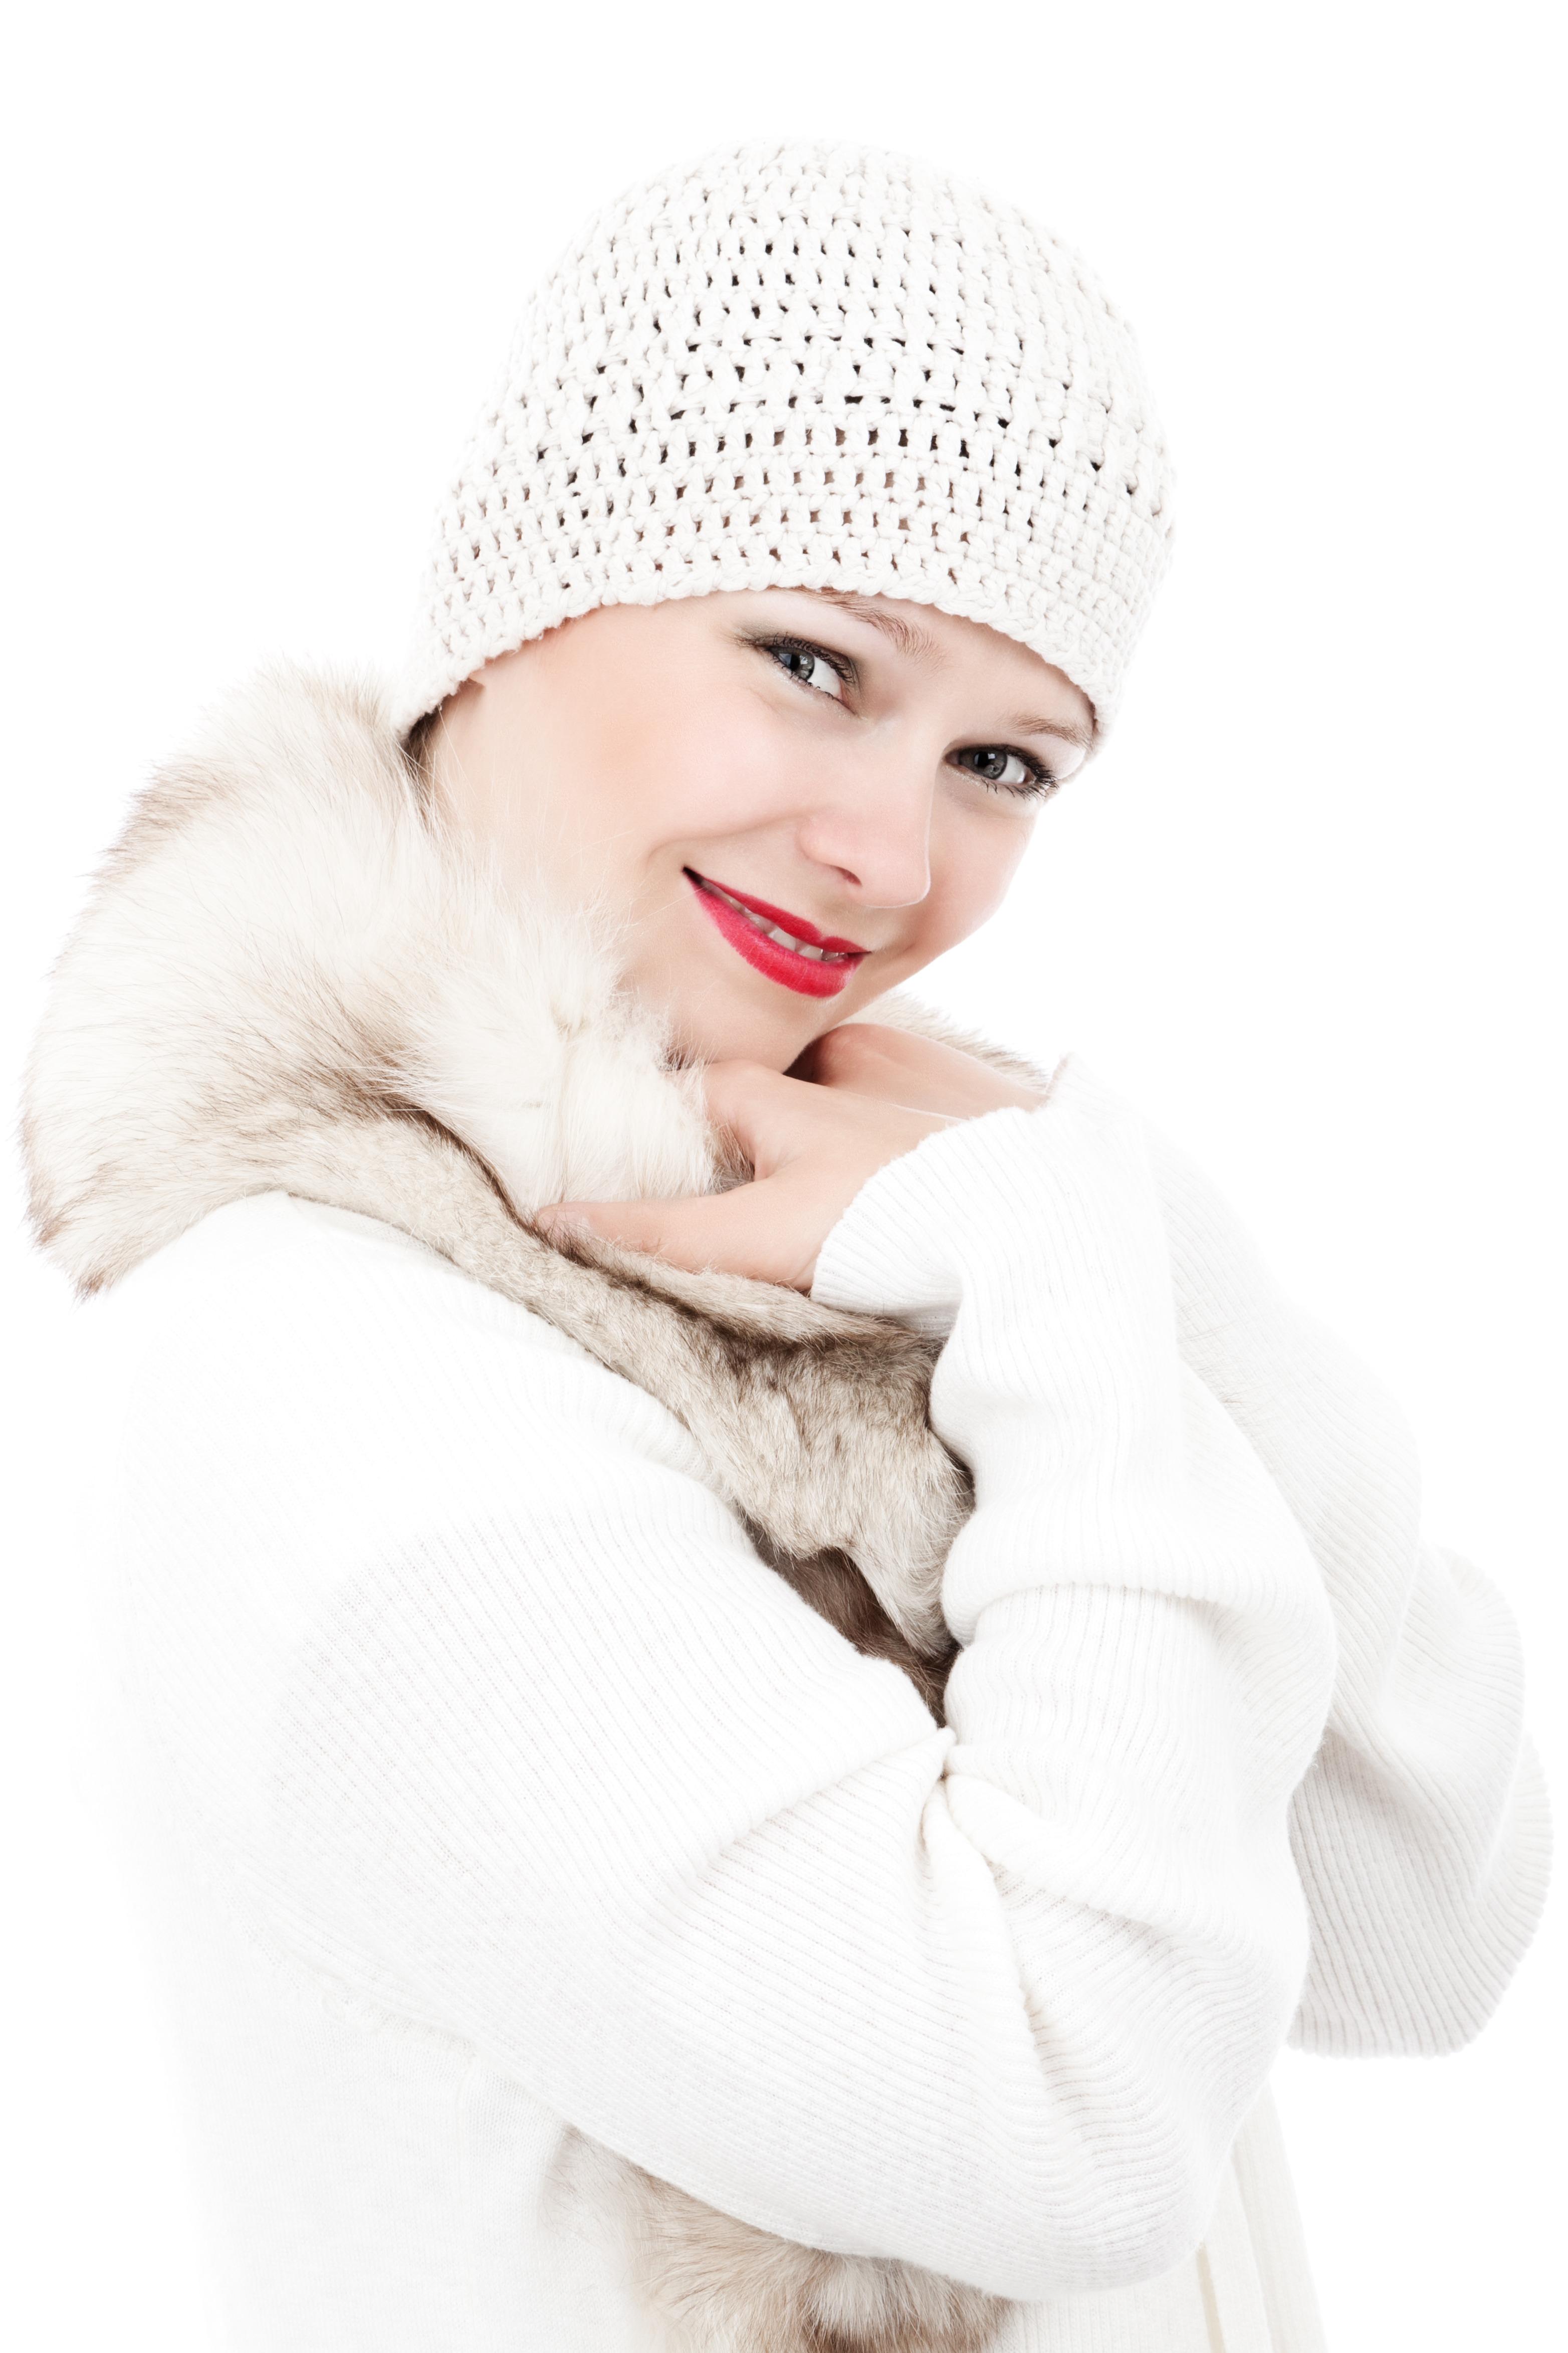 Fotos gratis : persona, niña, mujer, hembra, pelaje, patrón, modelo ...